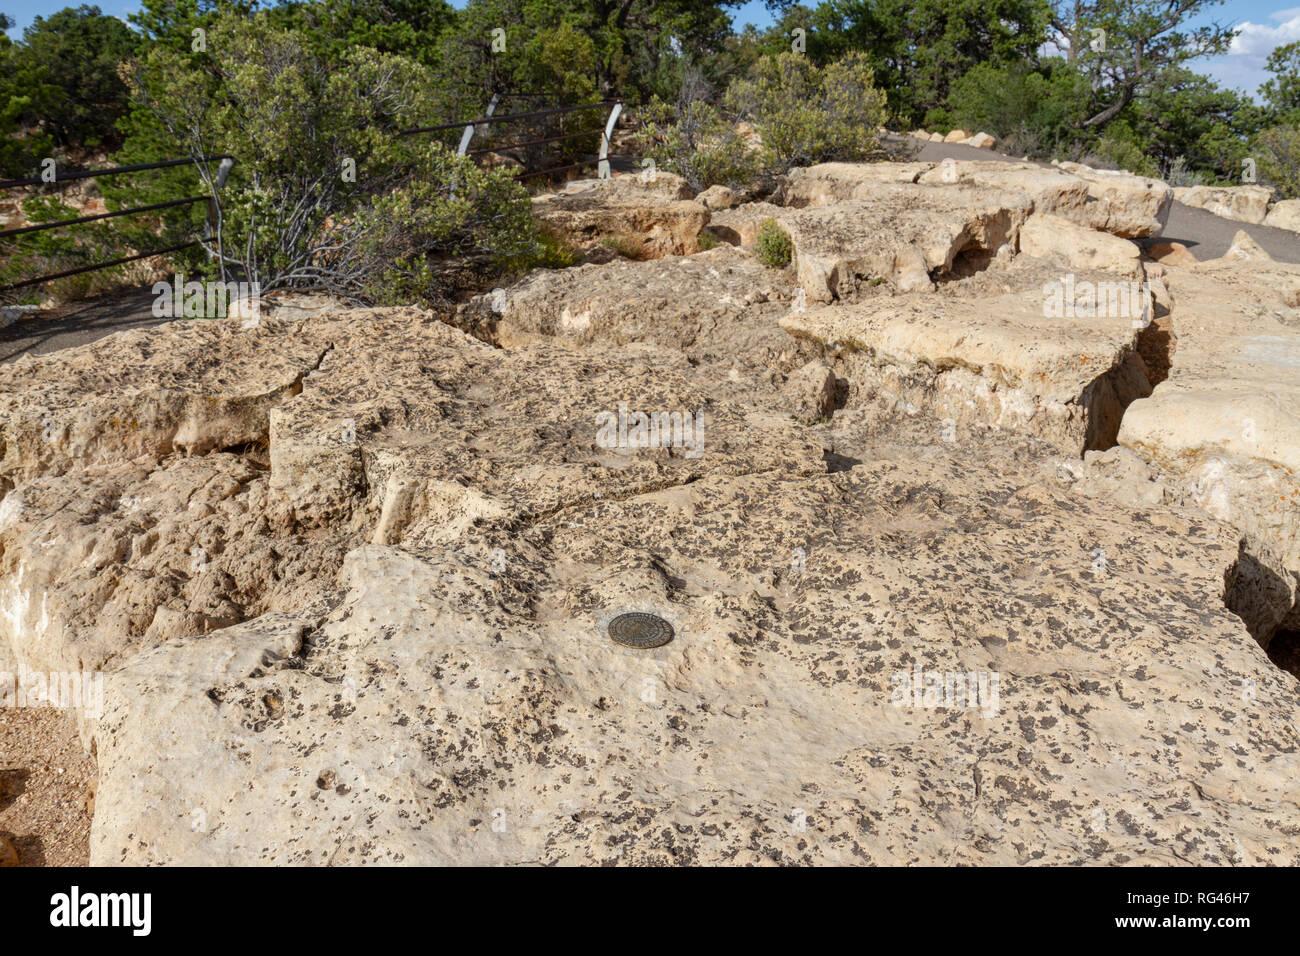 Una US Coast & levantamiento geodésico marca de referencia sobre una roca en el Cabo Royal viewpoint, Grand Canyon North Rim, Arizona, Estados Unidos. Imagen De Stock